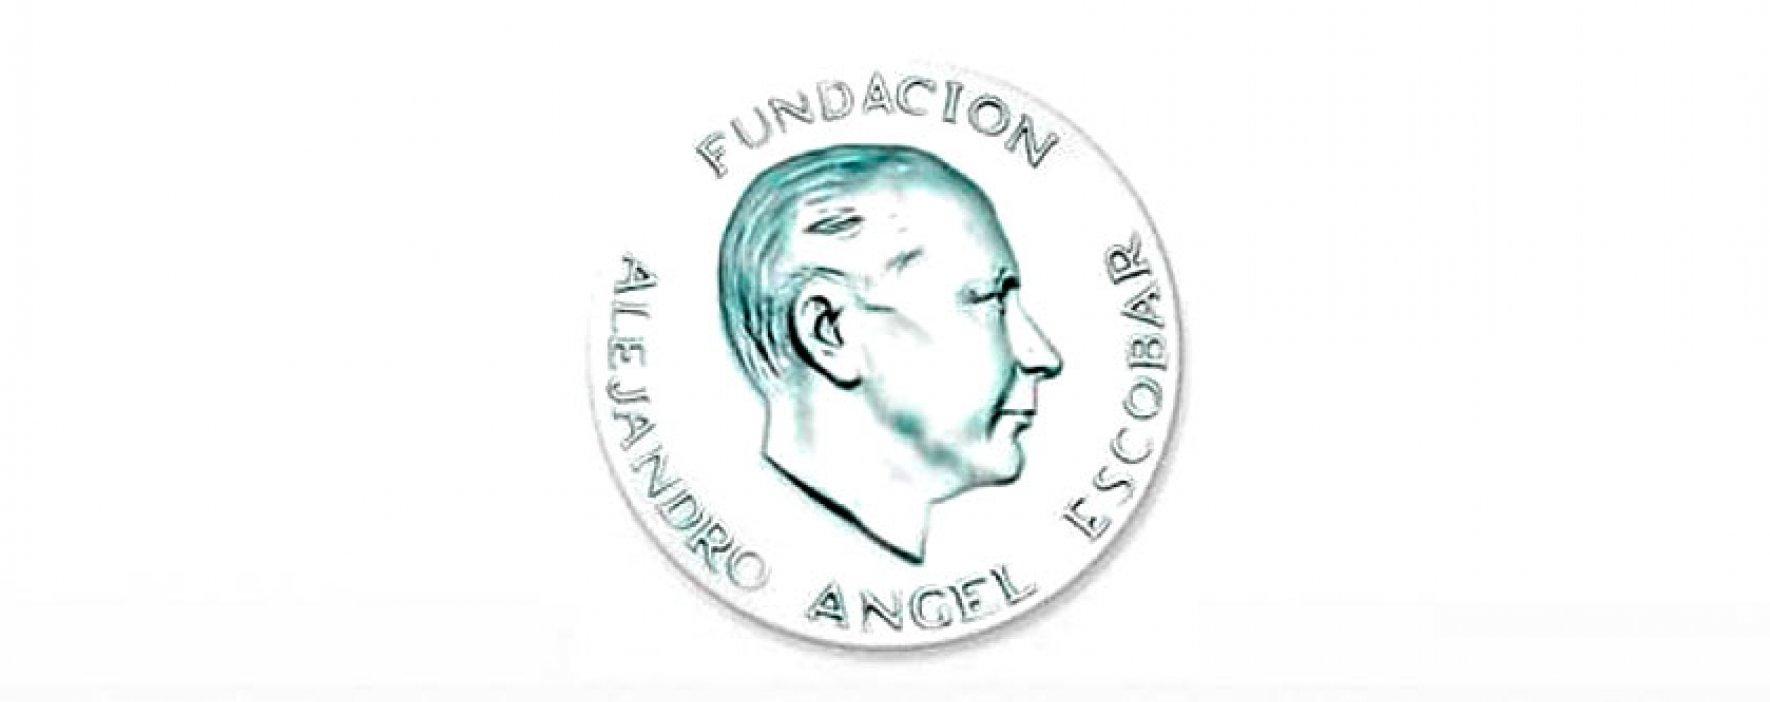 Fueron anunciados los ganadores del Premio Alejandro Ángel Escobar en Ciencias y Solidaridad